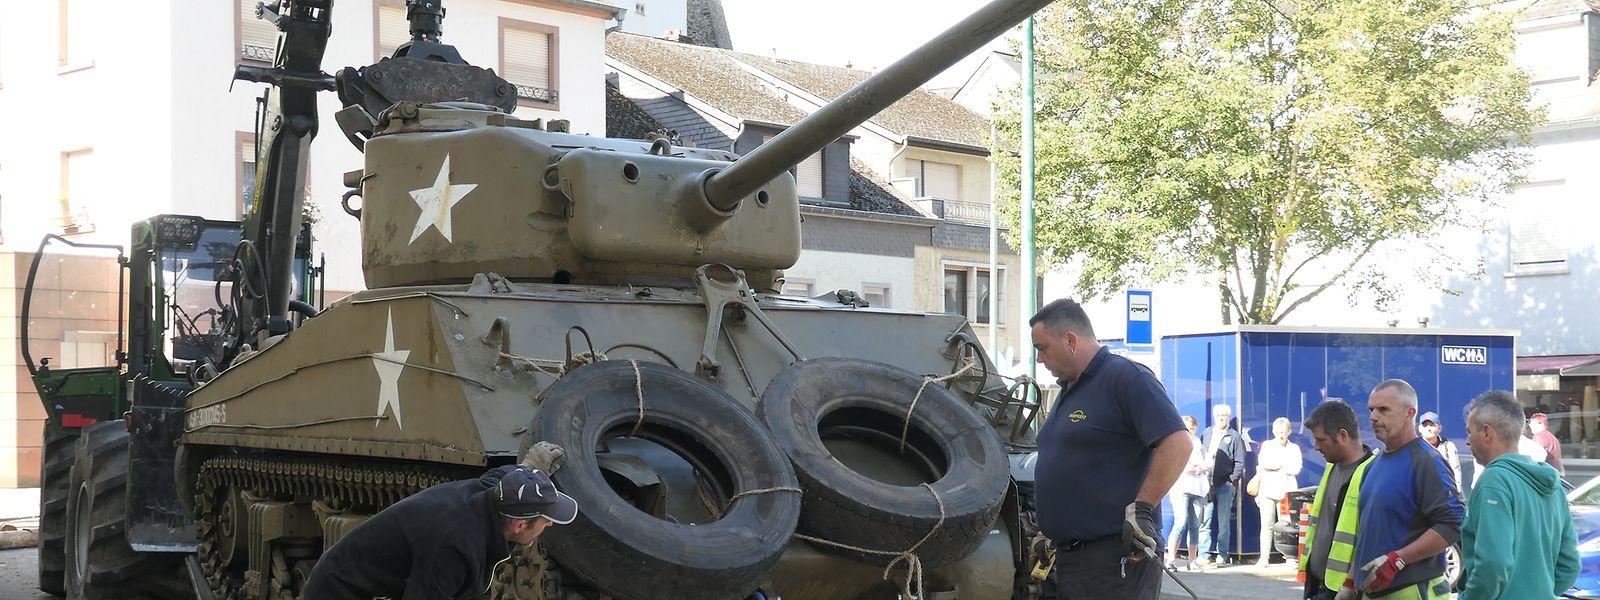 Das Verladen des Clerfer Sherman-Panzers ging am Dienstag nicht nur unter der Mithilfe zahlreicher Hände, sondern auch unter den Augen vieler Schaulustiger über die Bühne.